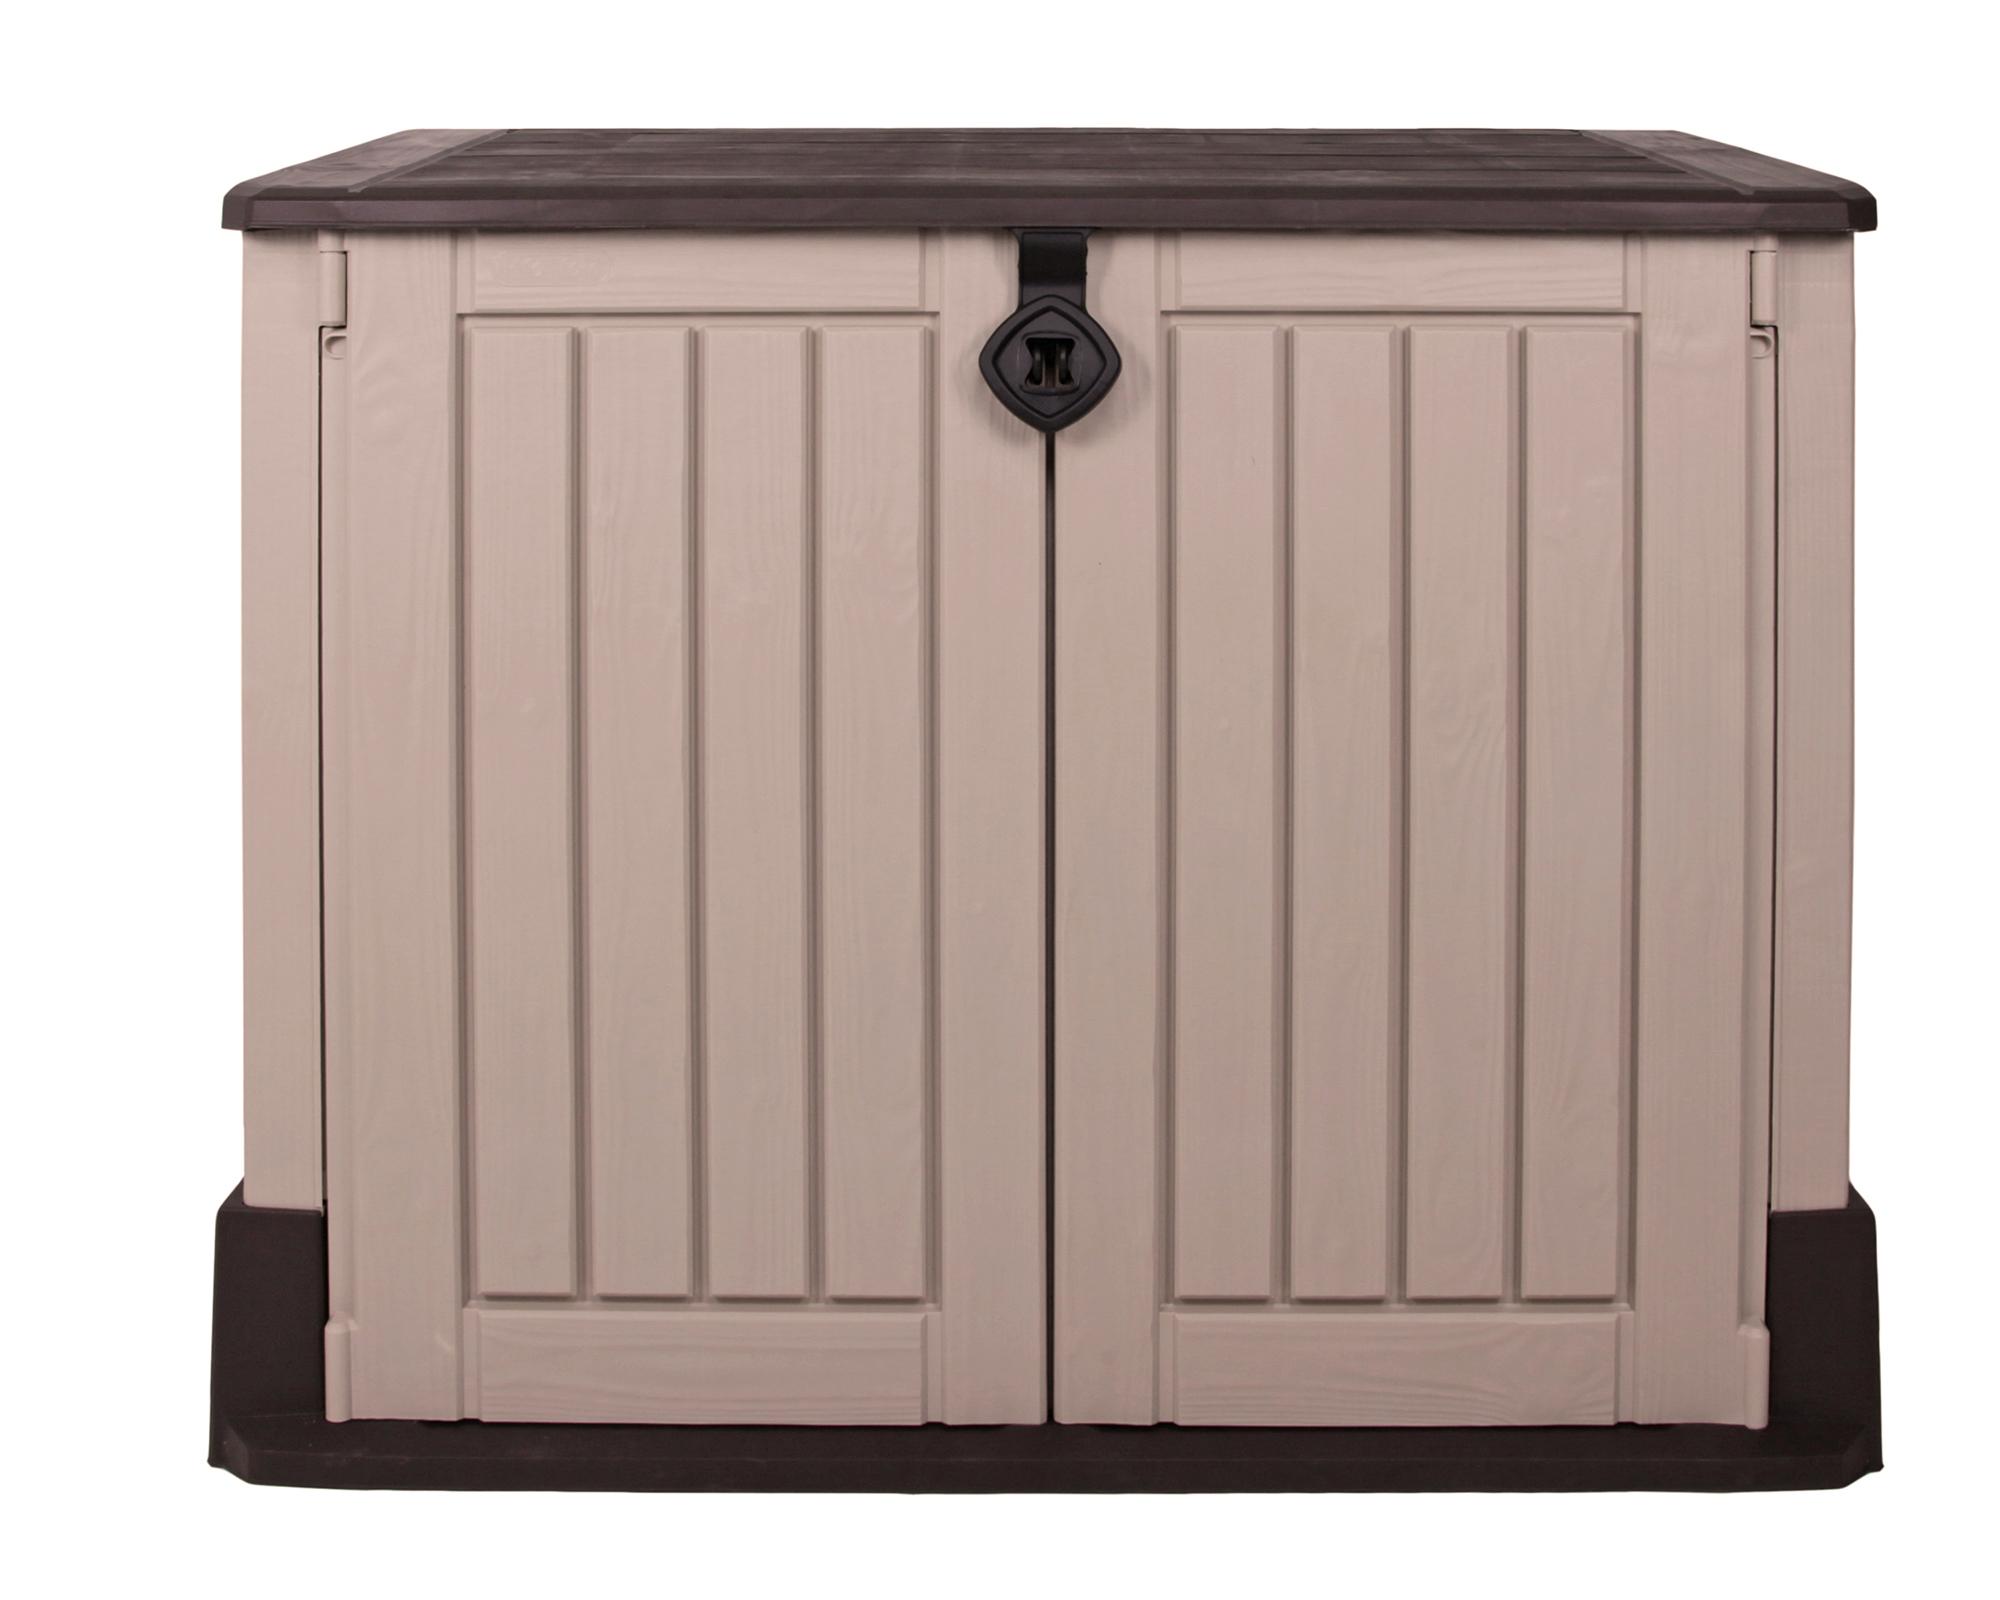 ondis24 keter gerätebox aufbewahrungsschuppen mülltonnenbox woodland